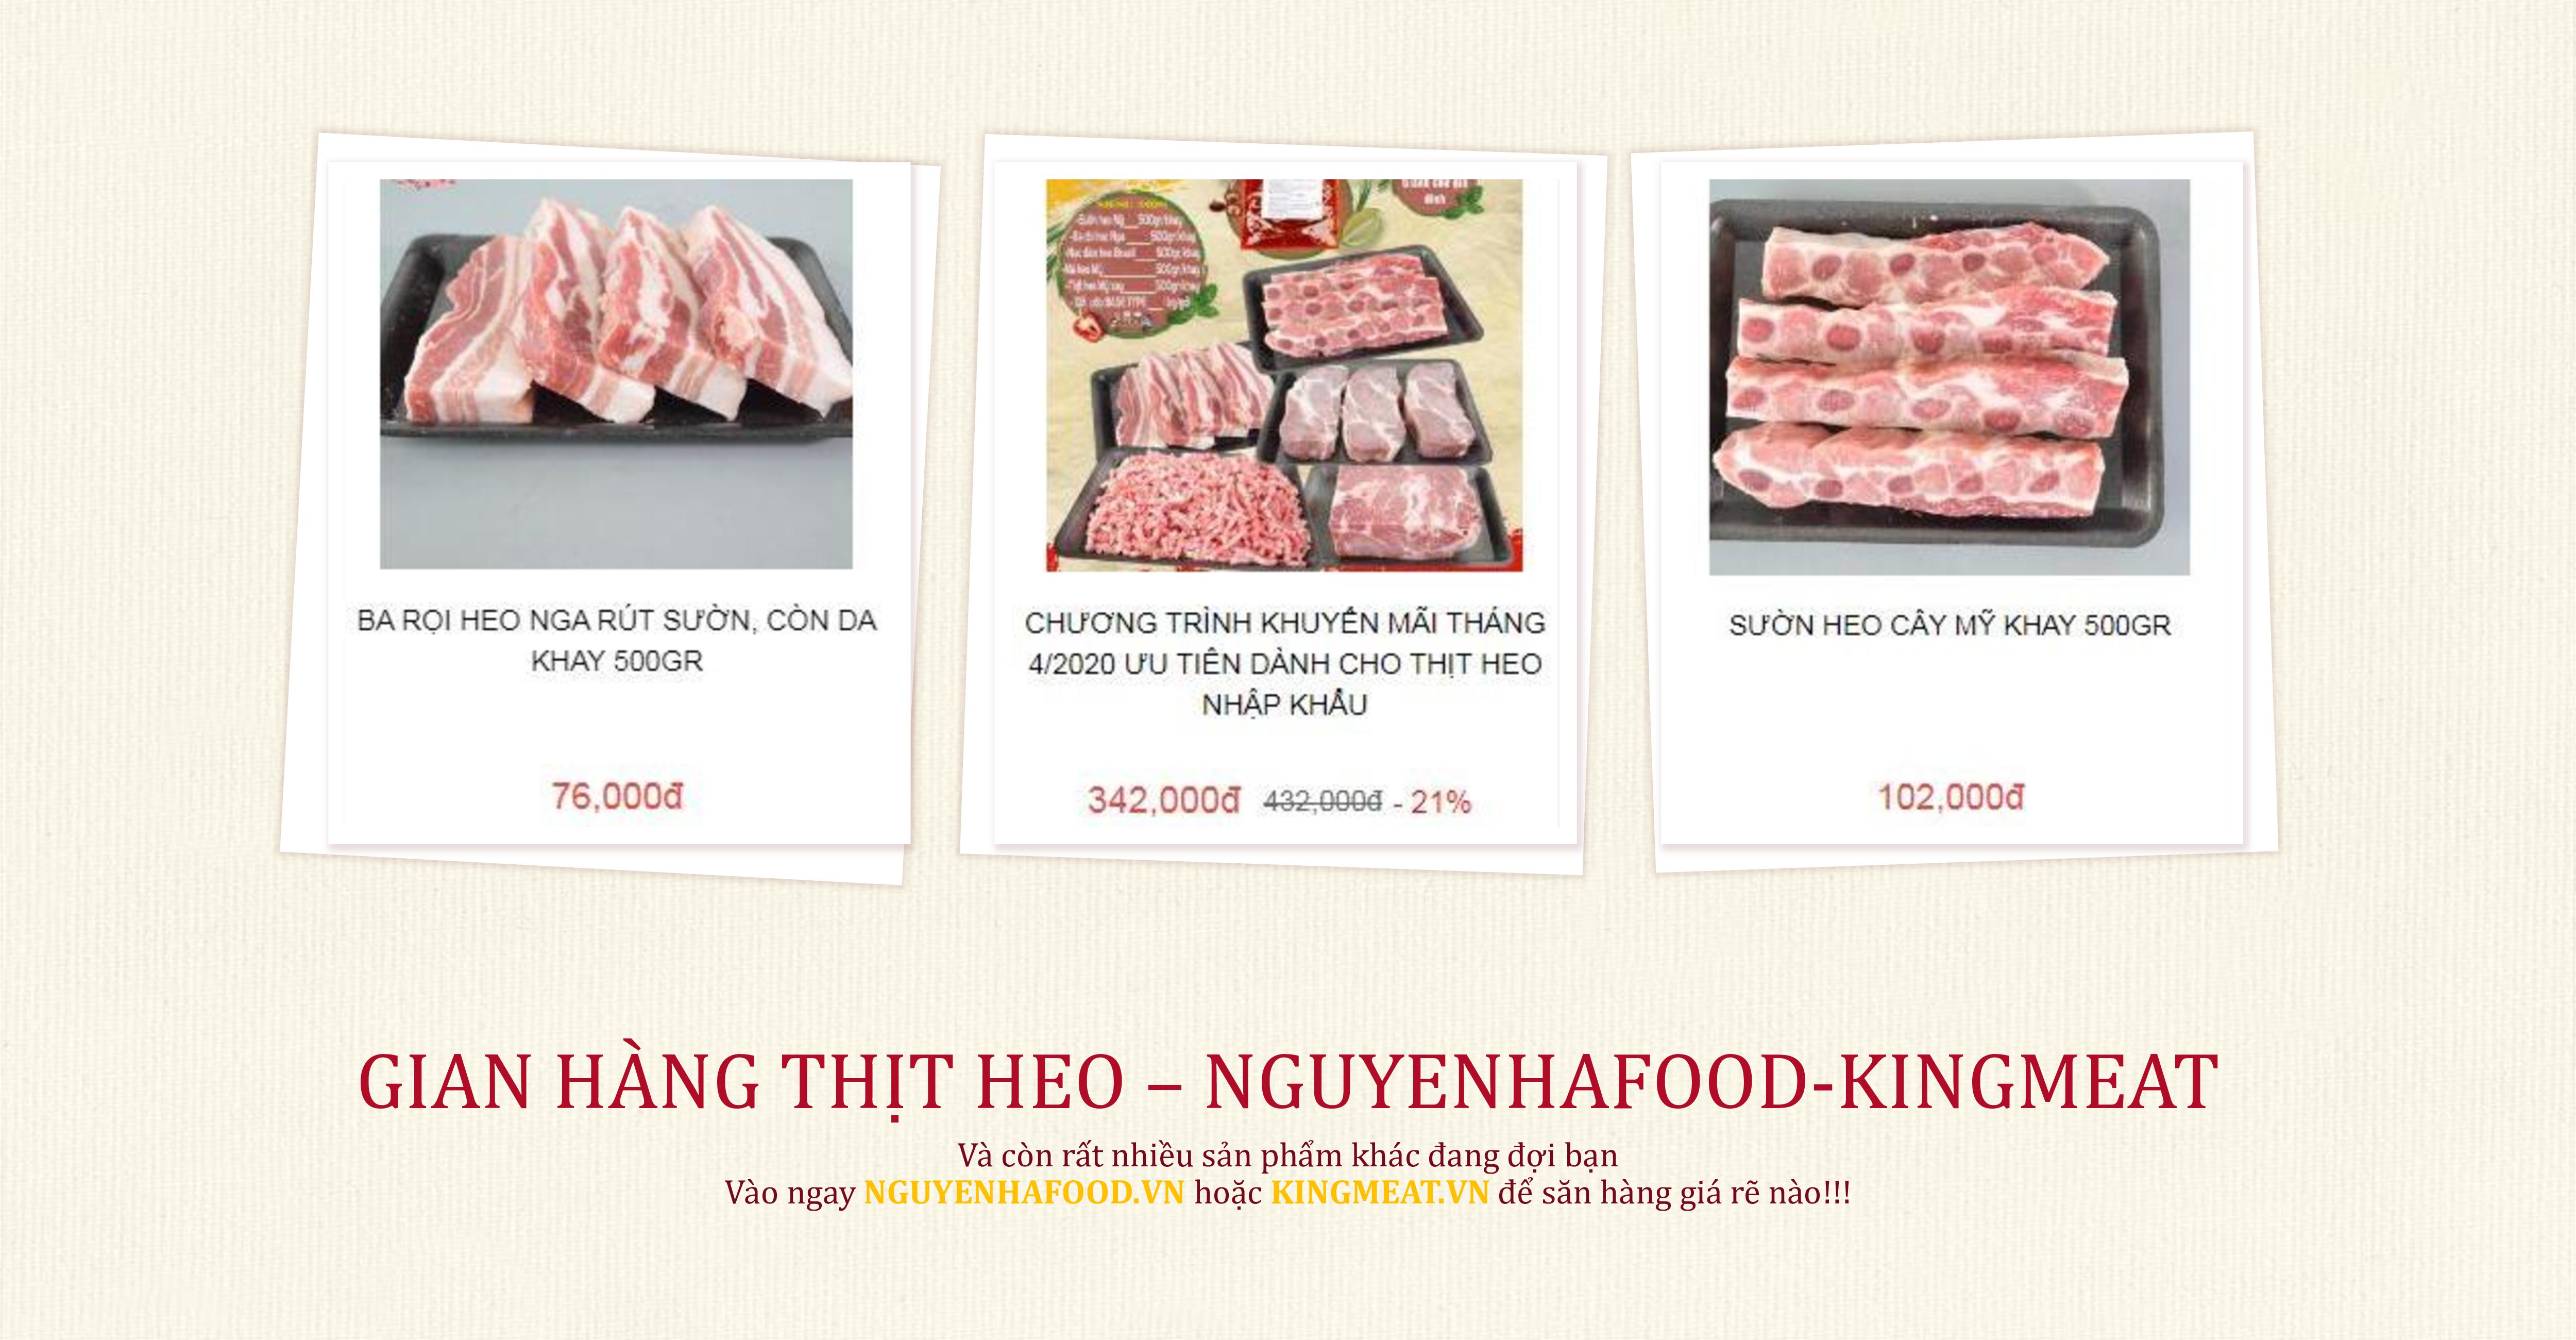 GIAN-HANG-THIT-HEO-NGUYENHAFOOD